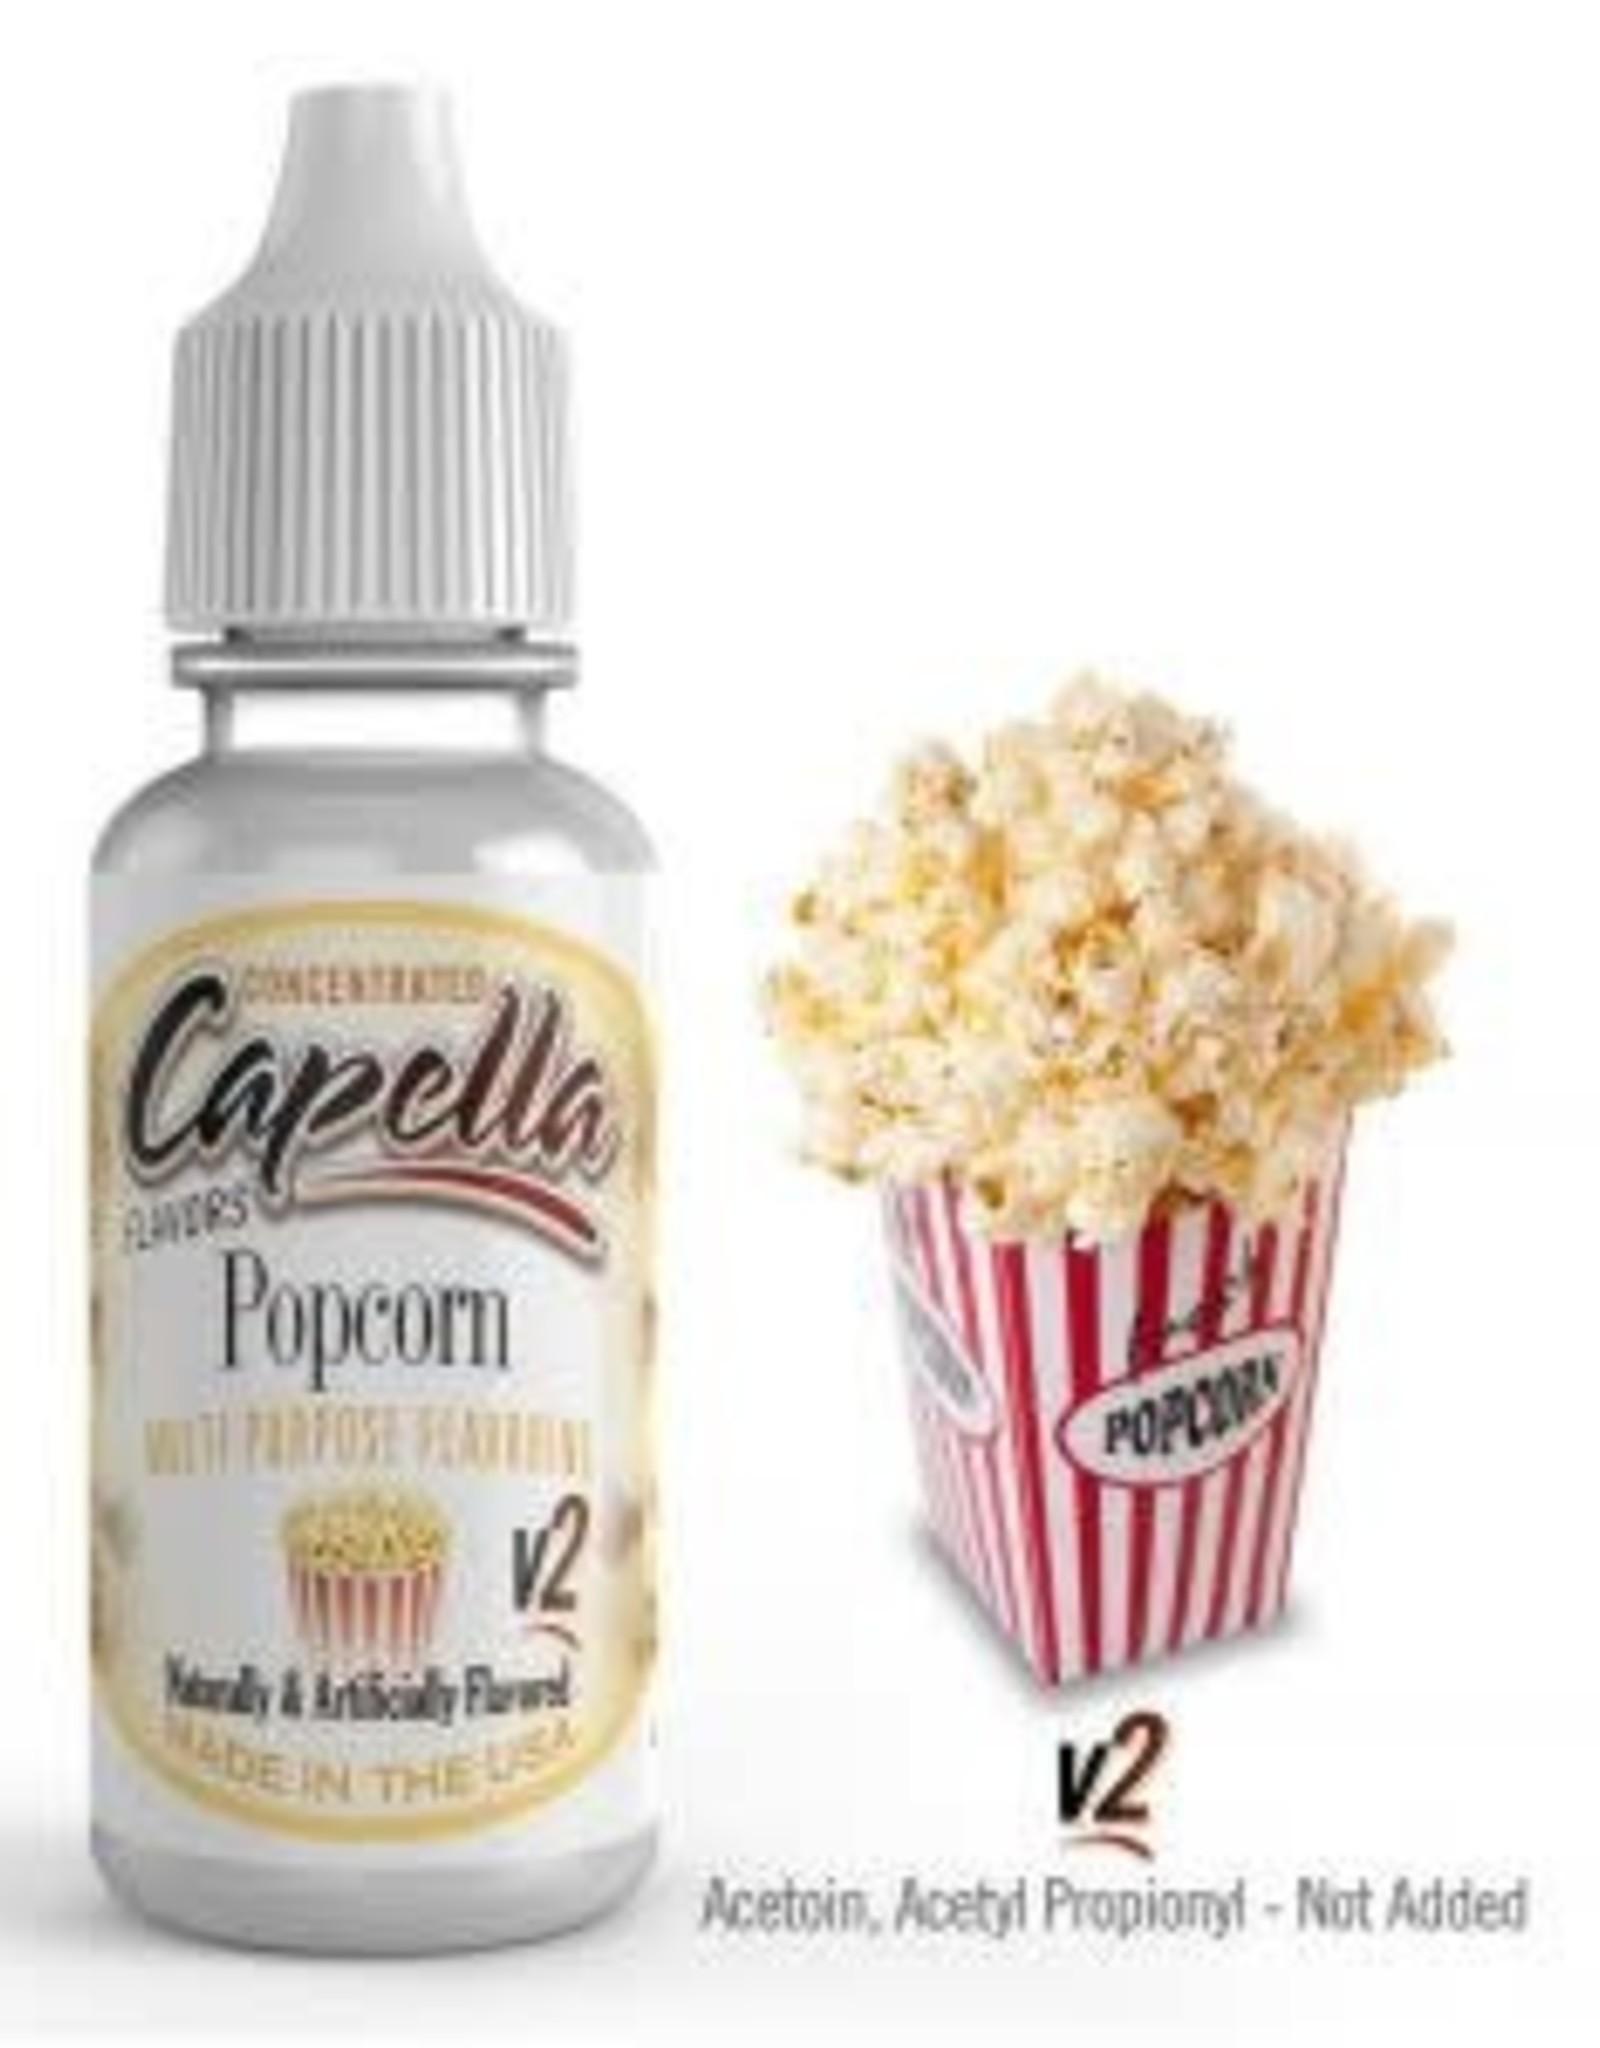 Capella Capella - Popcorn V2 Aroma 13ml